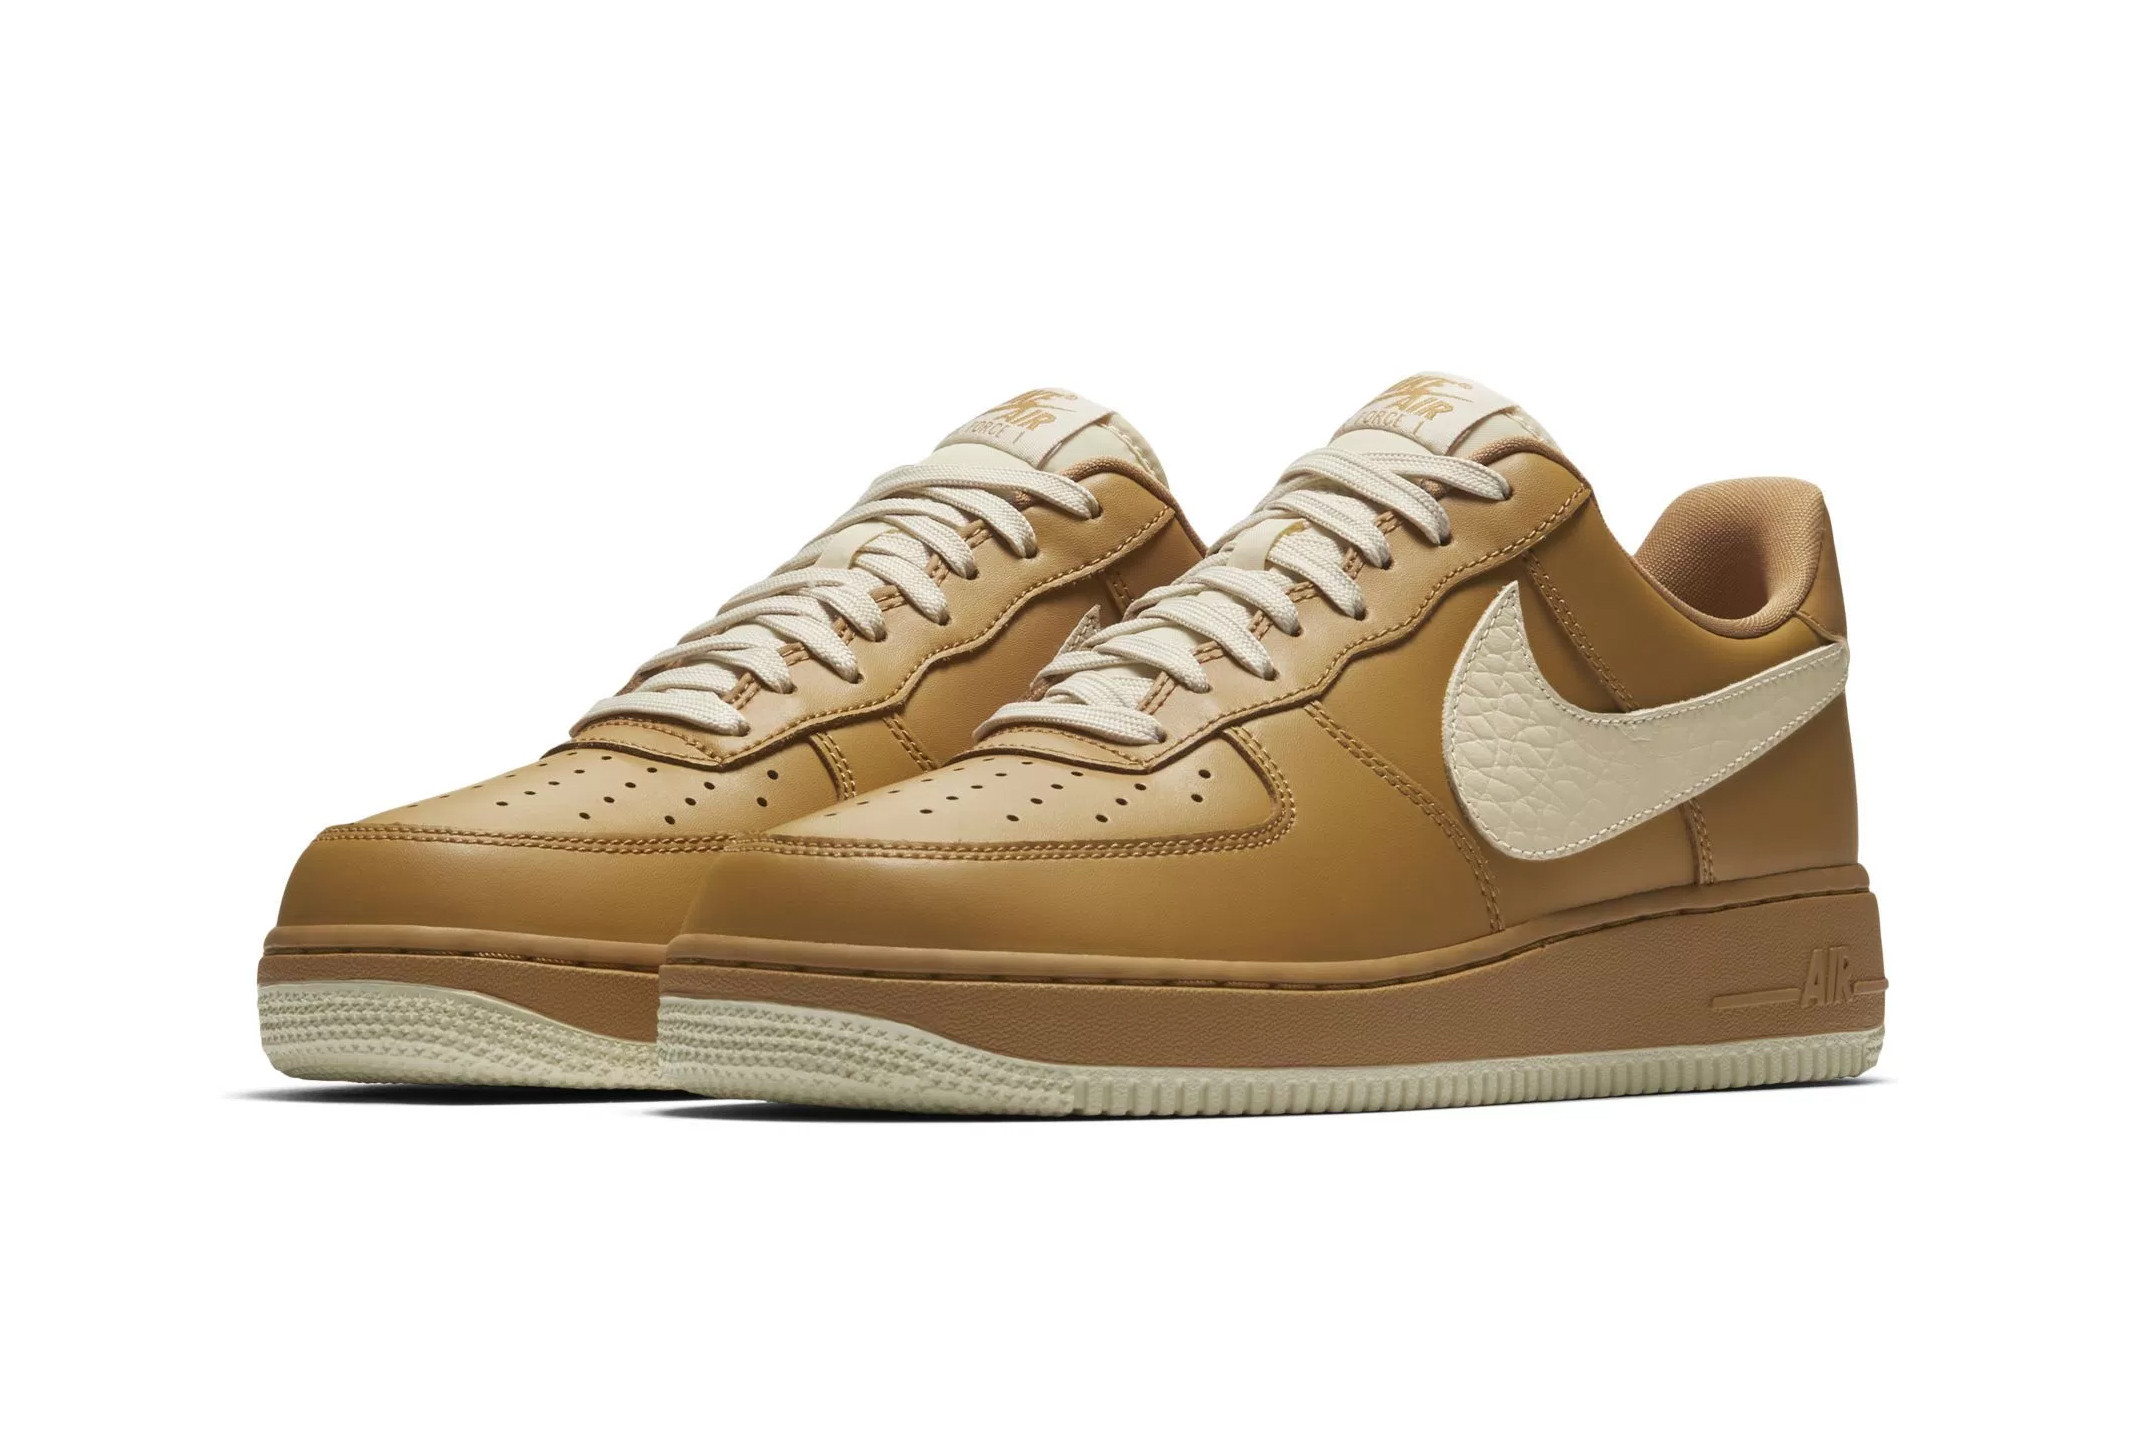 nike air force 1 low beige